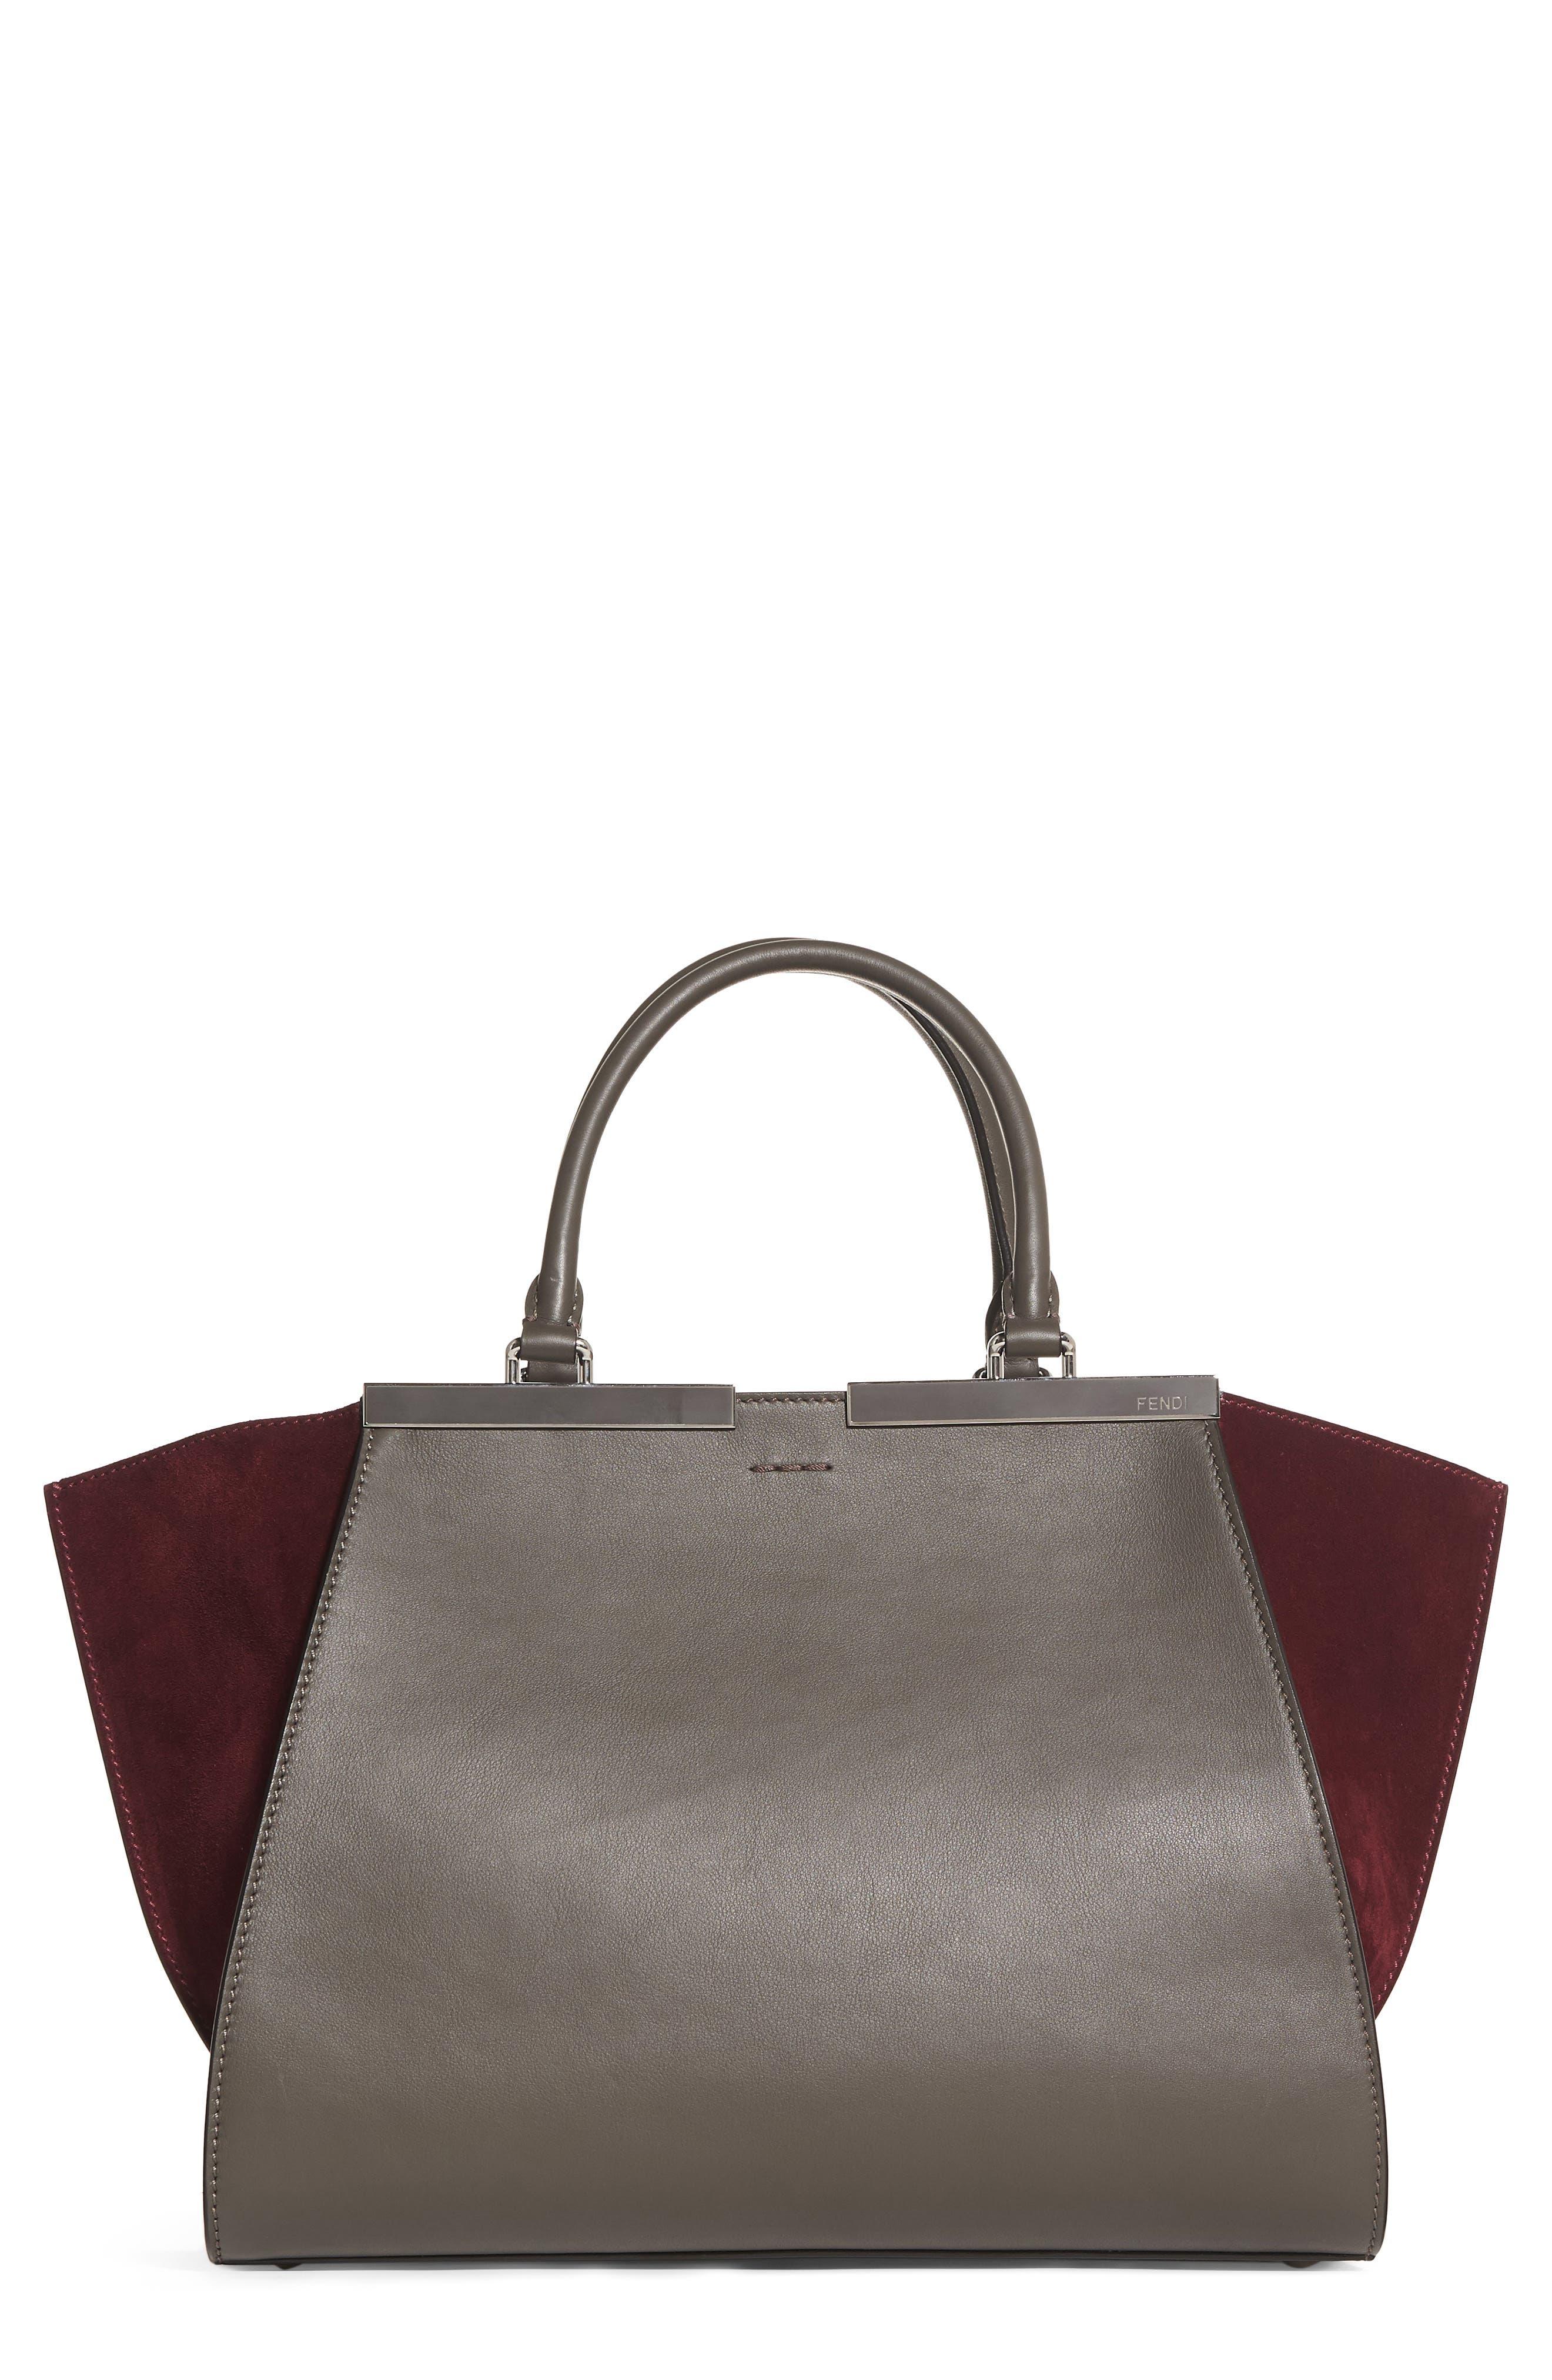 3Jours Baltico Leather & Suede Shopper,                         Main,                         color,